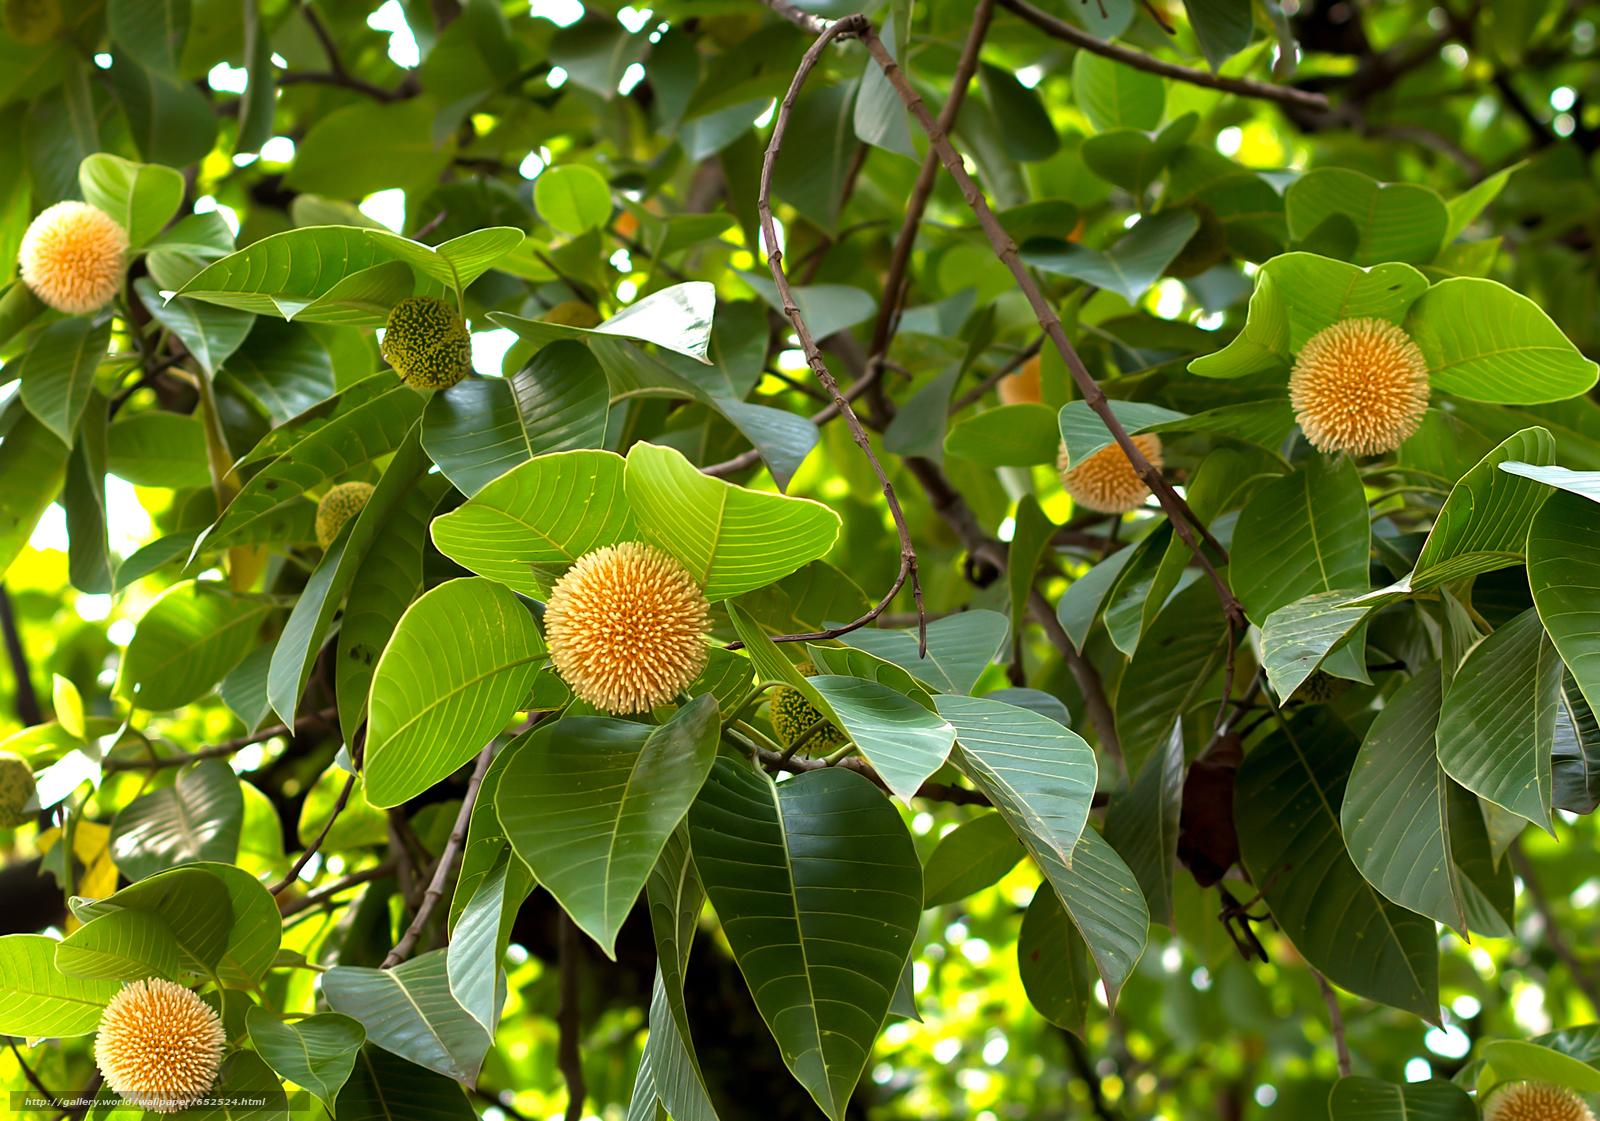 Скачать обои Neolamarckia Cadamba,  растение,  ветки,  листья бесплатно для рабочего стола в разрешении 2832x1984 — картинка №652524